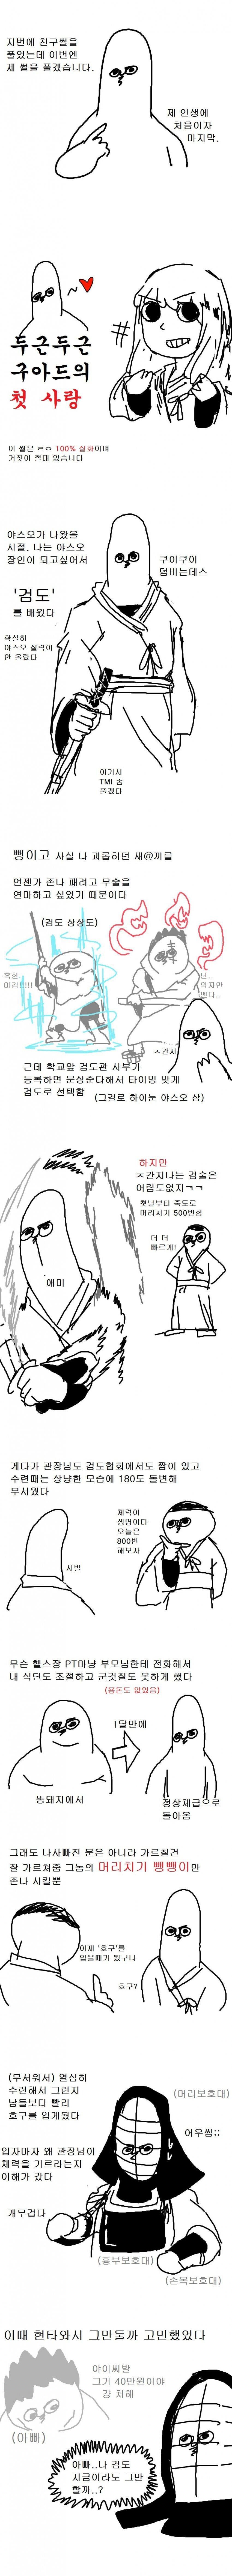 1.jpg (스압) 검도관 여자애 짝사랑했던 만화.manhwa